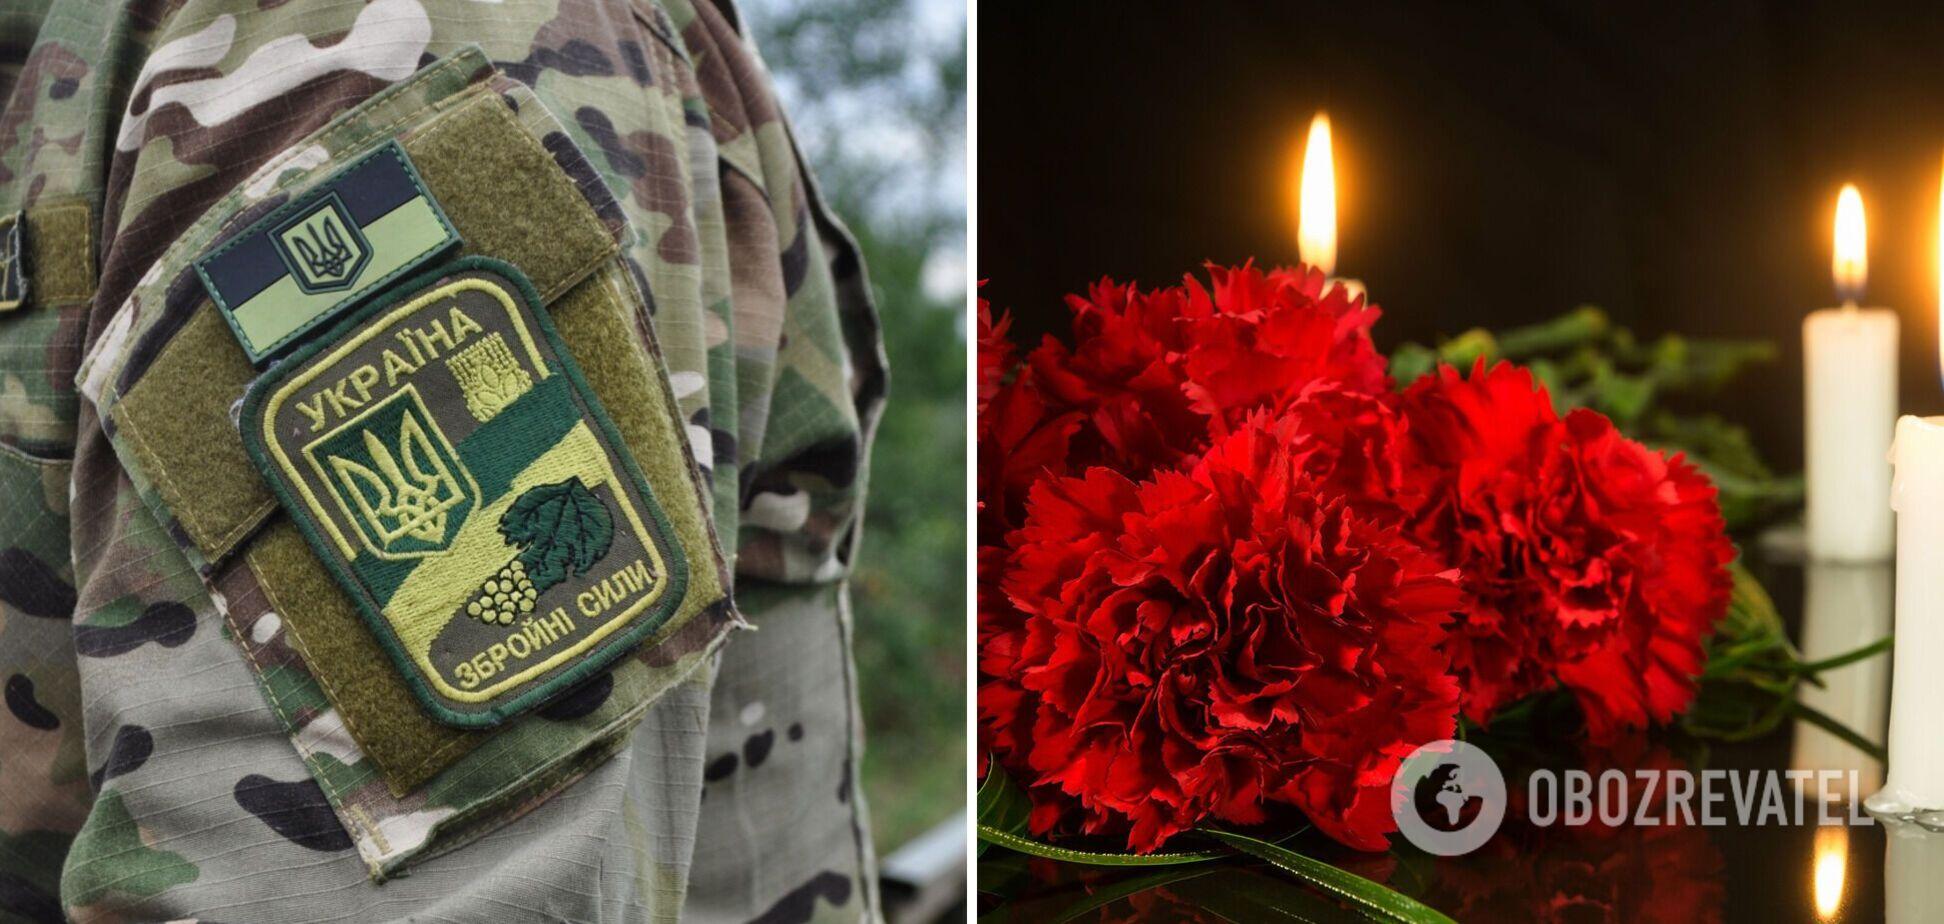 Смерть військової на Одещині: момент потрапив на камери спостереження. Відео